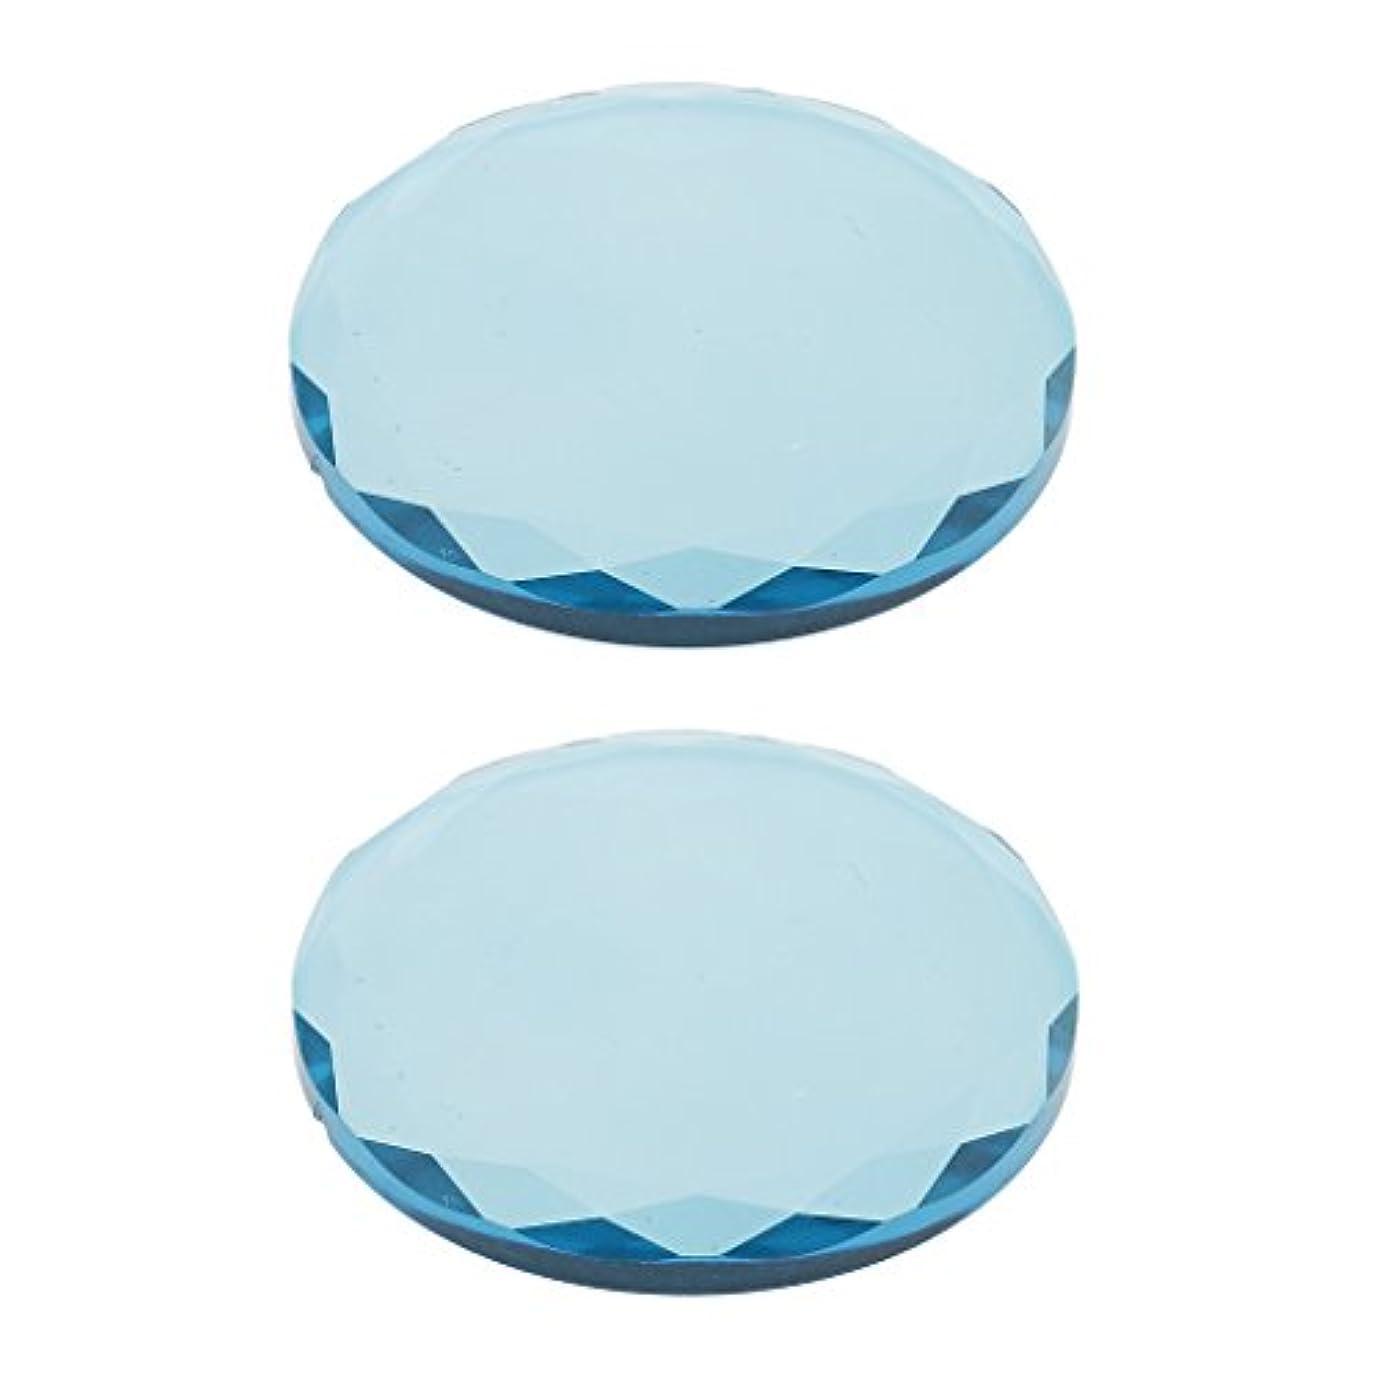 少しに負ける残りまつげ エクステンション用 2ピース クリスタル ガラス 接着剤 接着パレットホルダー 全2色選べ - 青